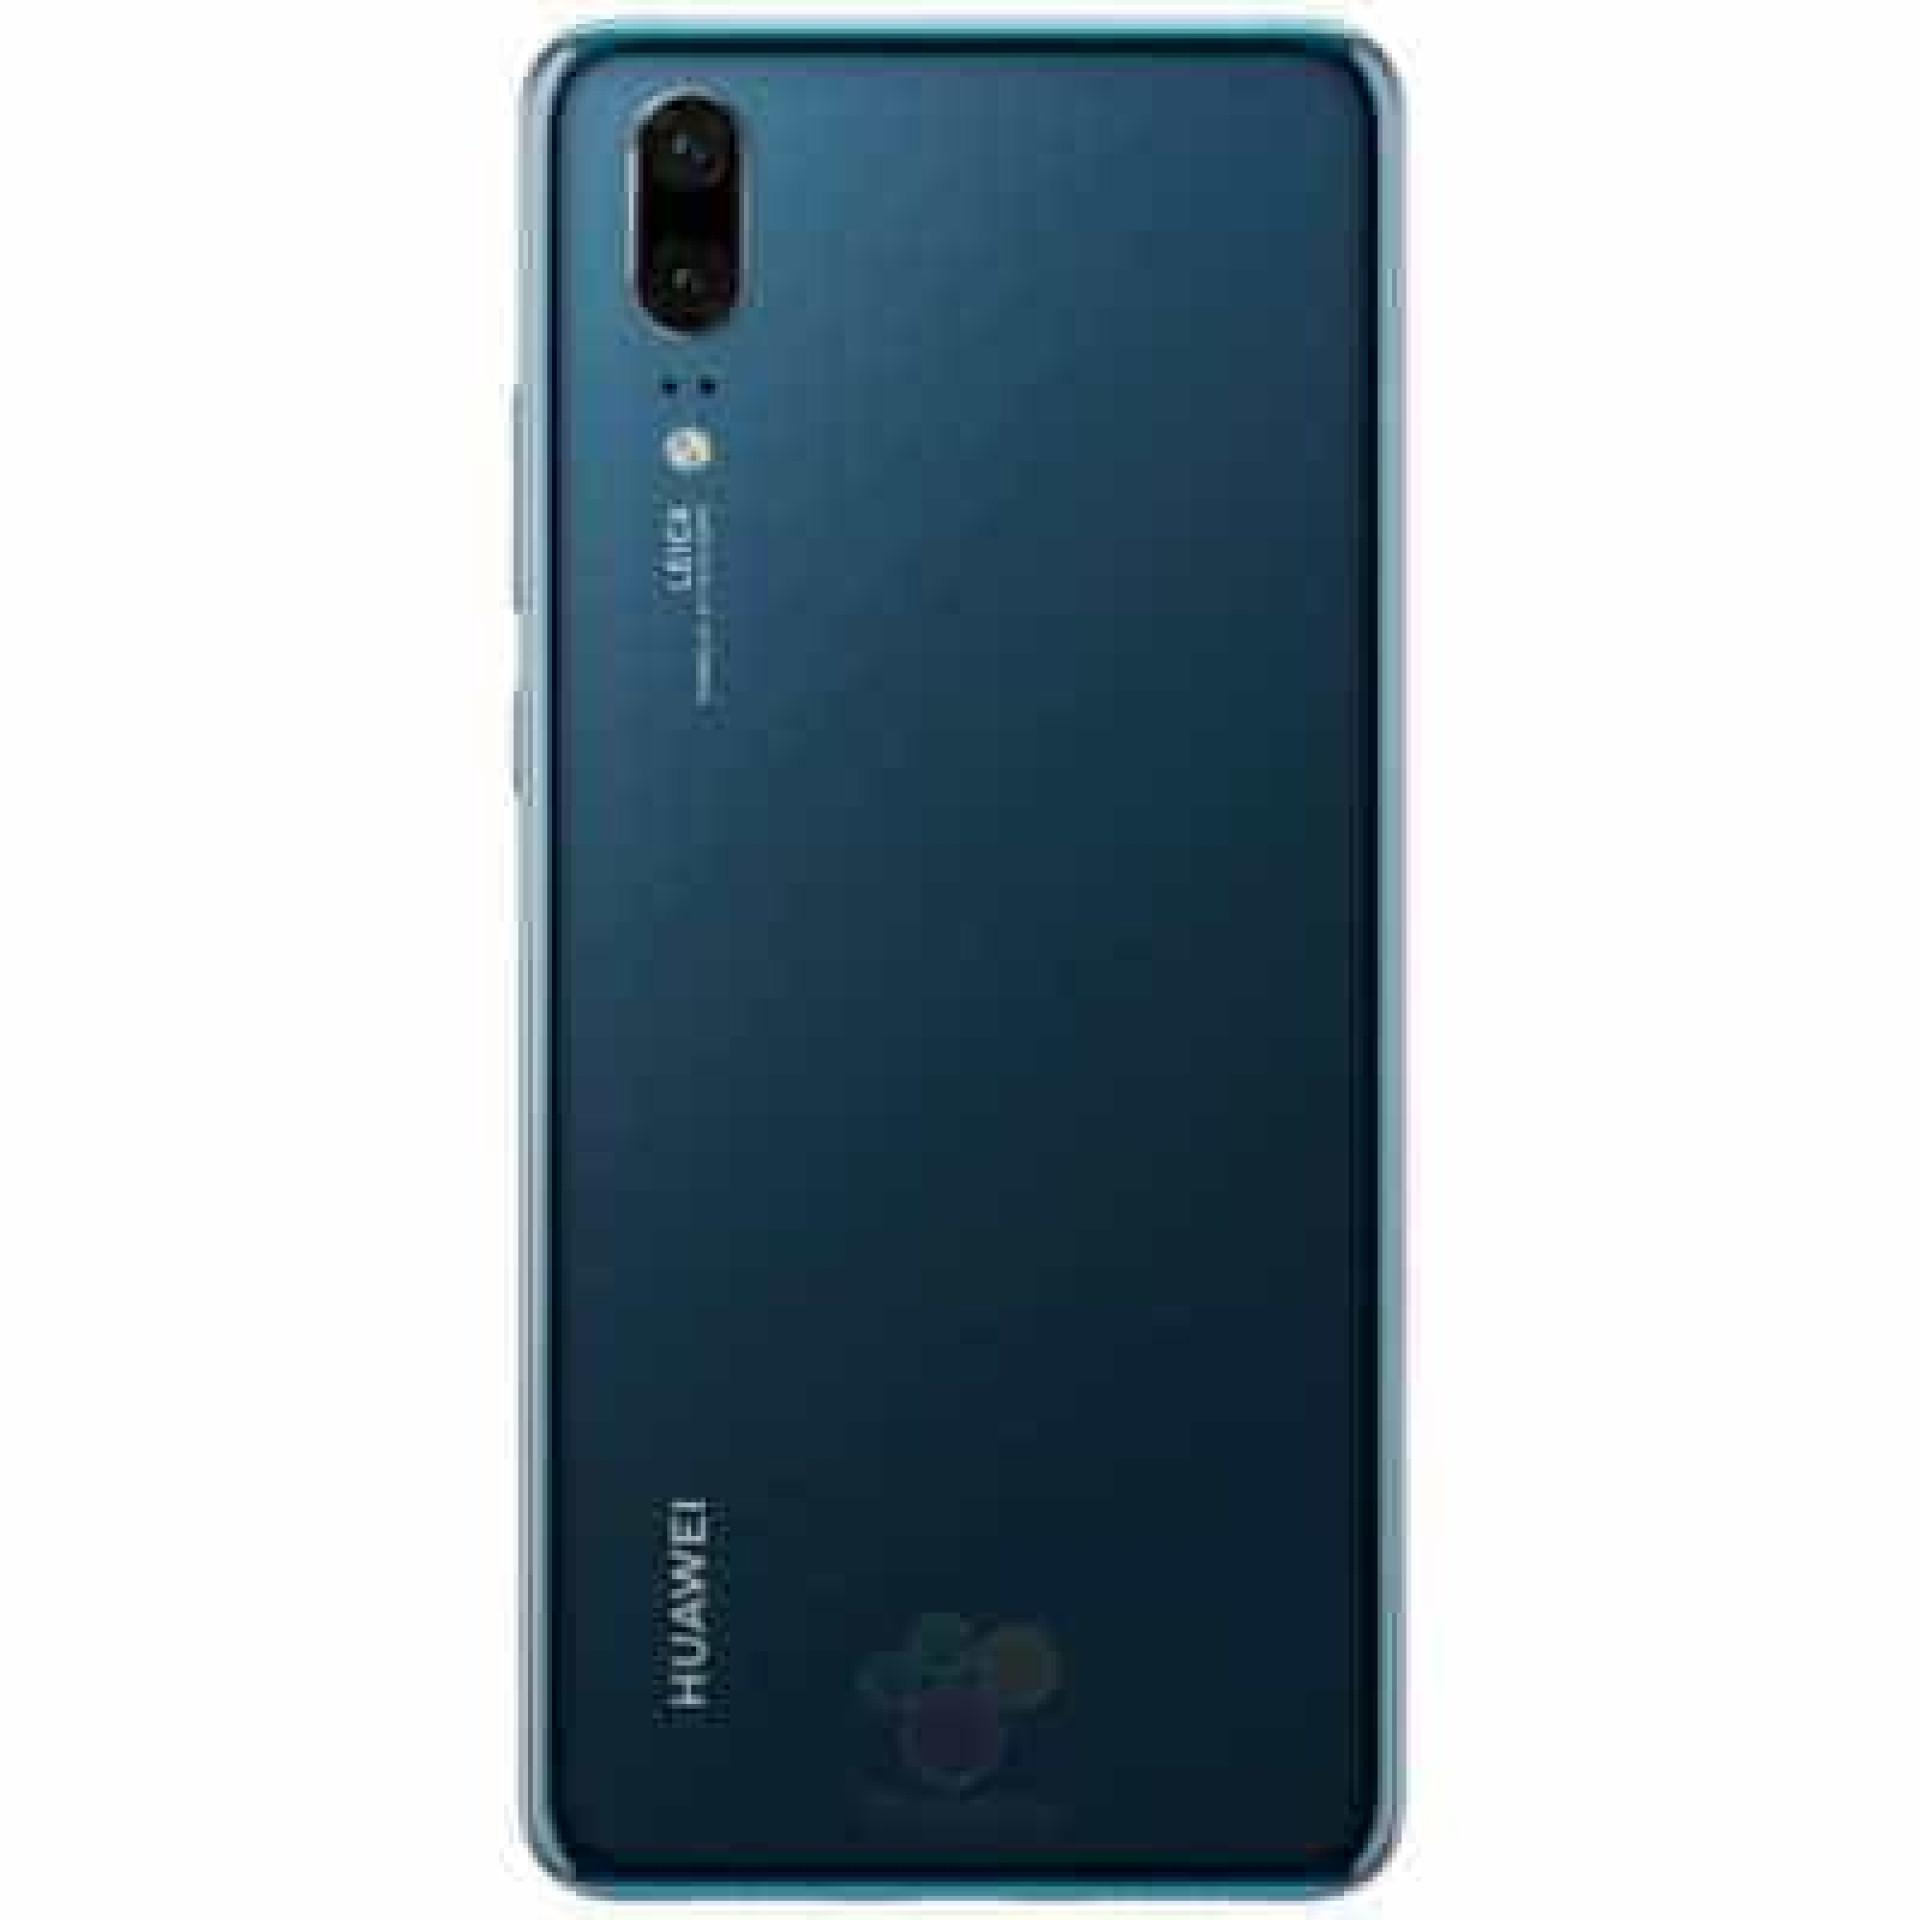 Próximo smartphone da Huawei pode ter cores inéditas